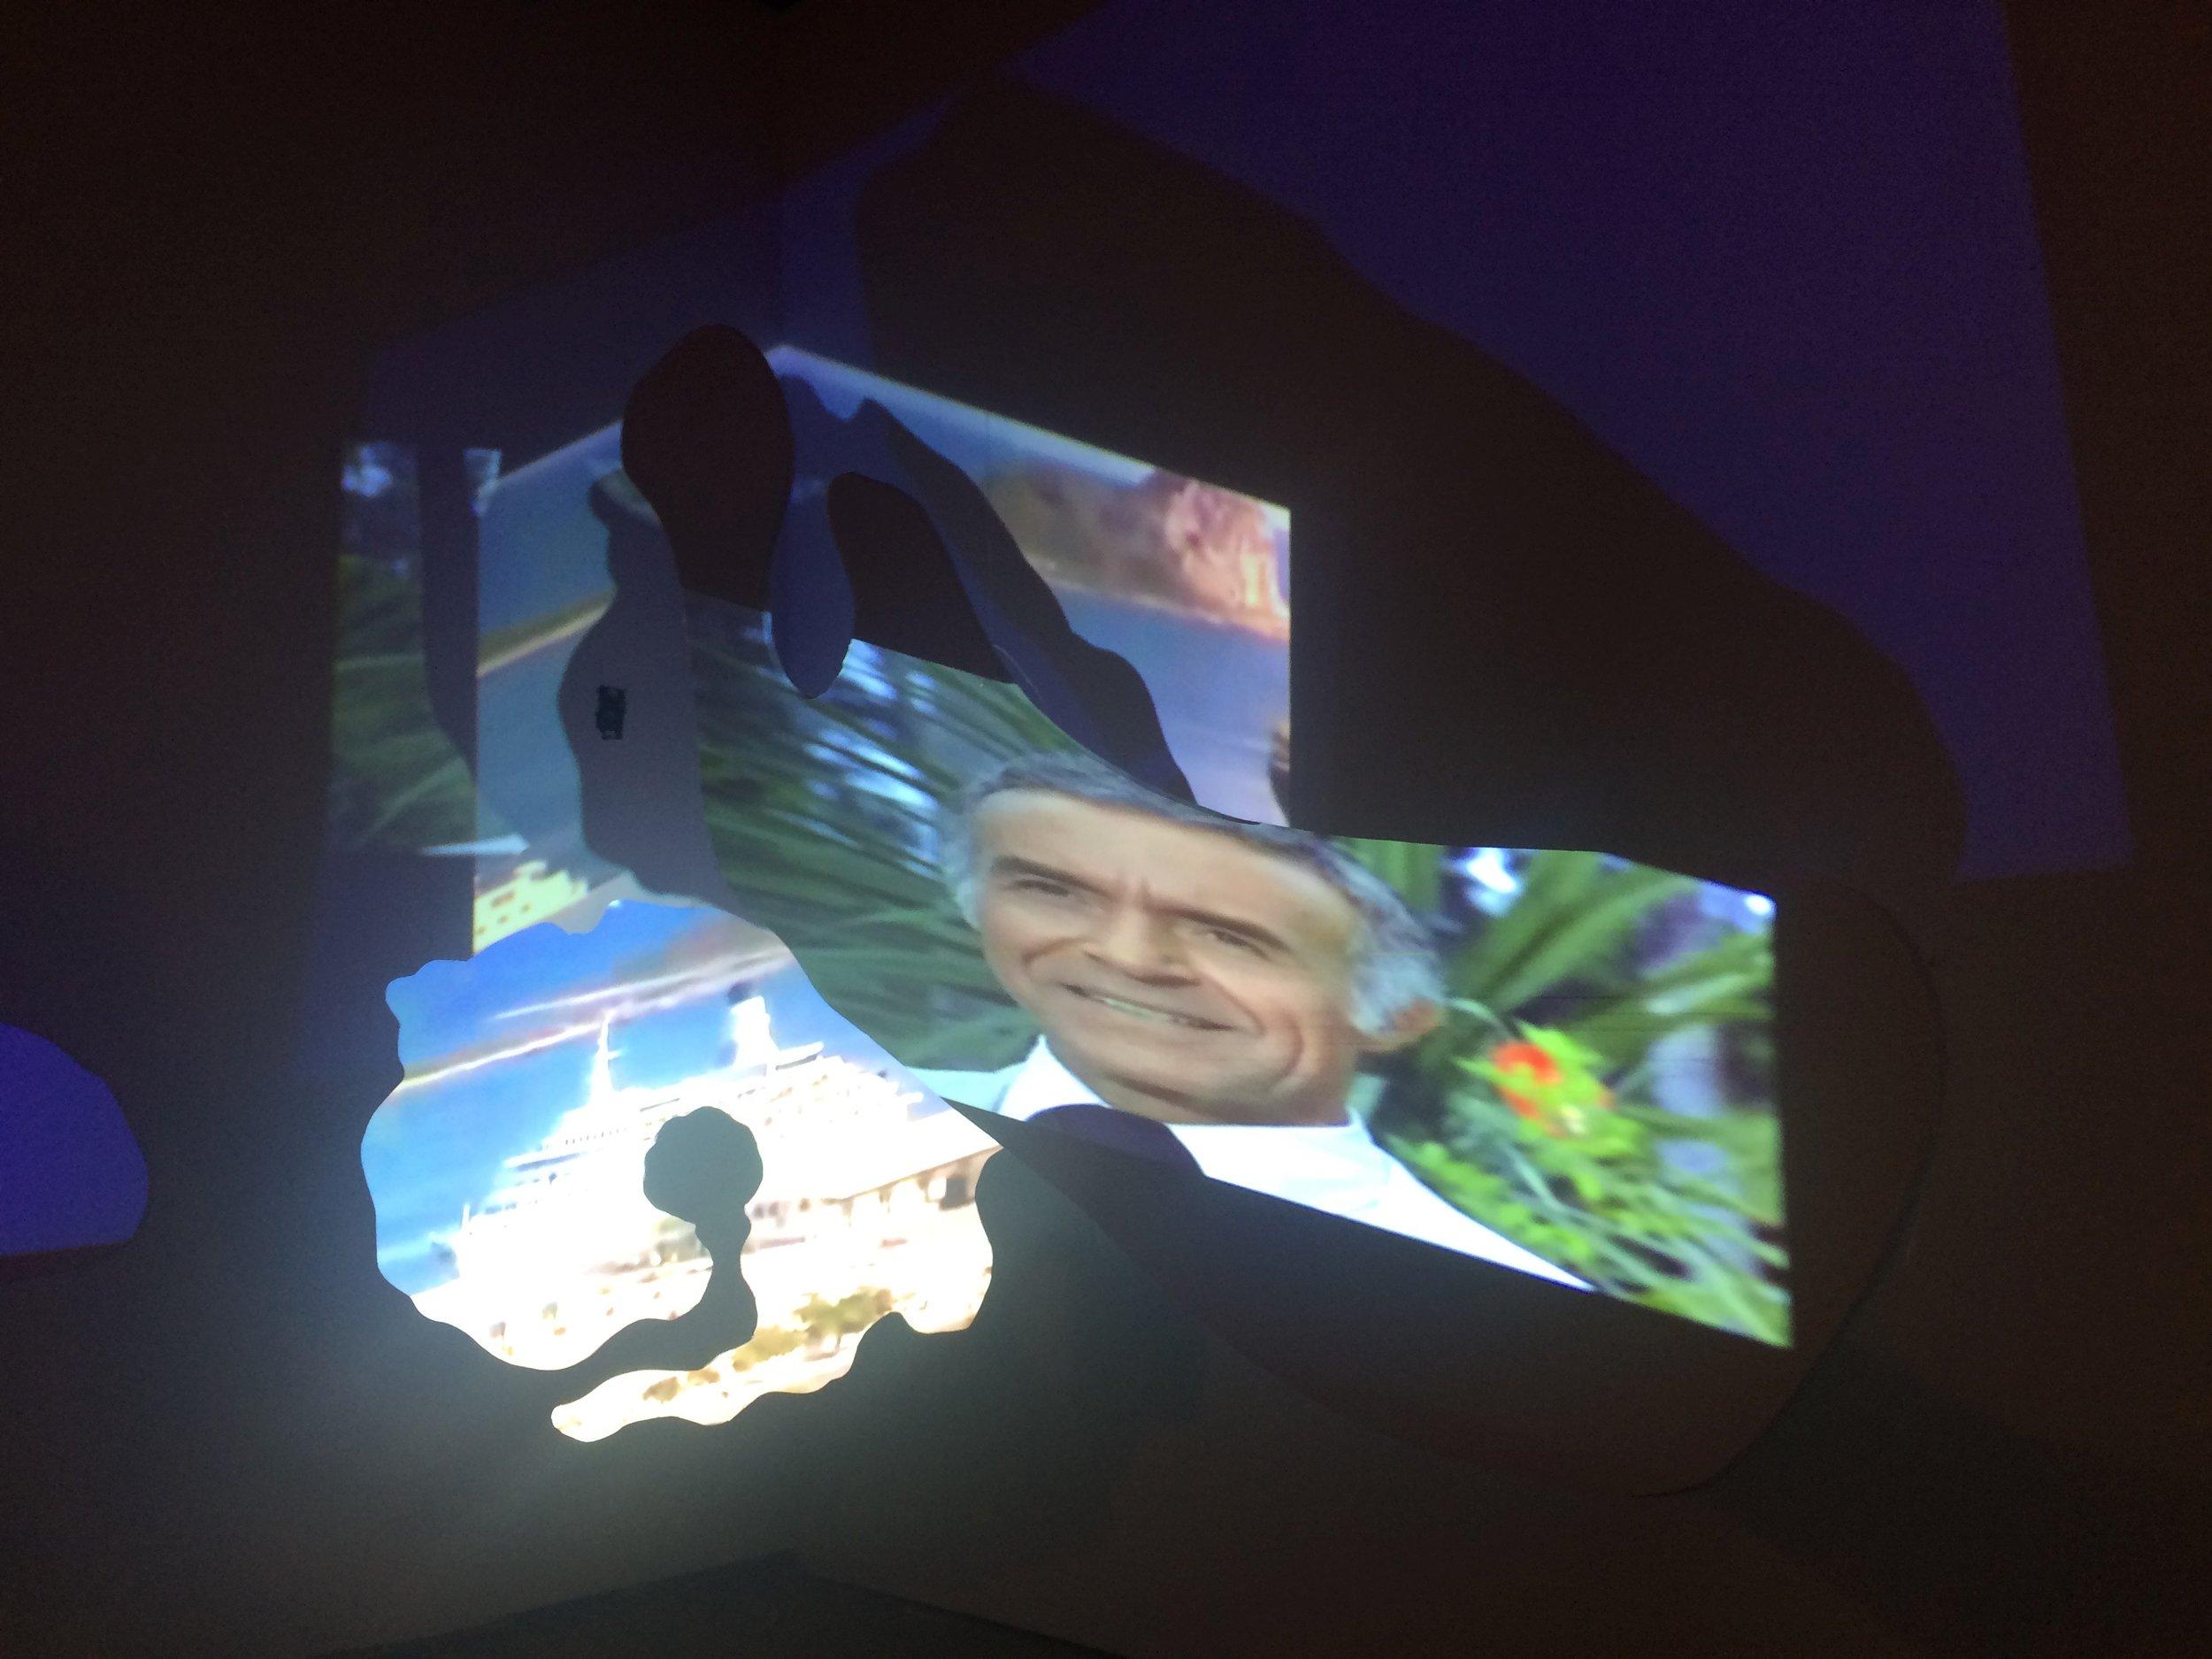 LoveIsland video sculpture